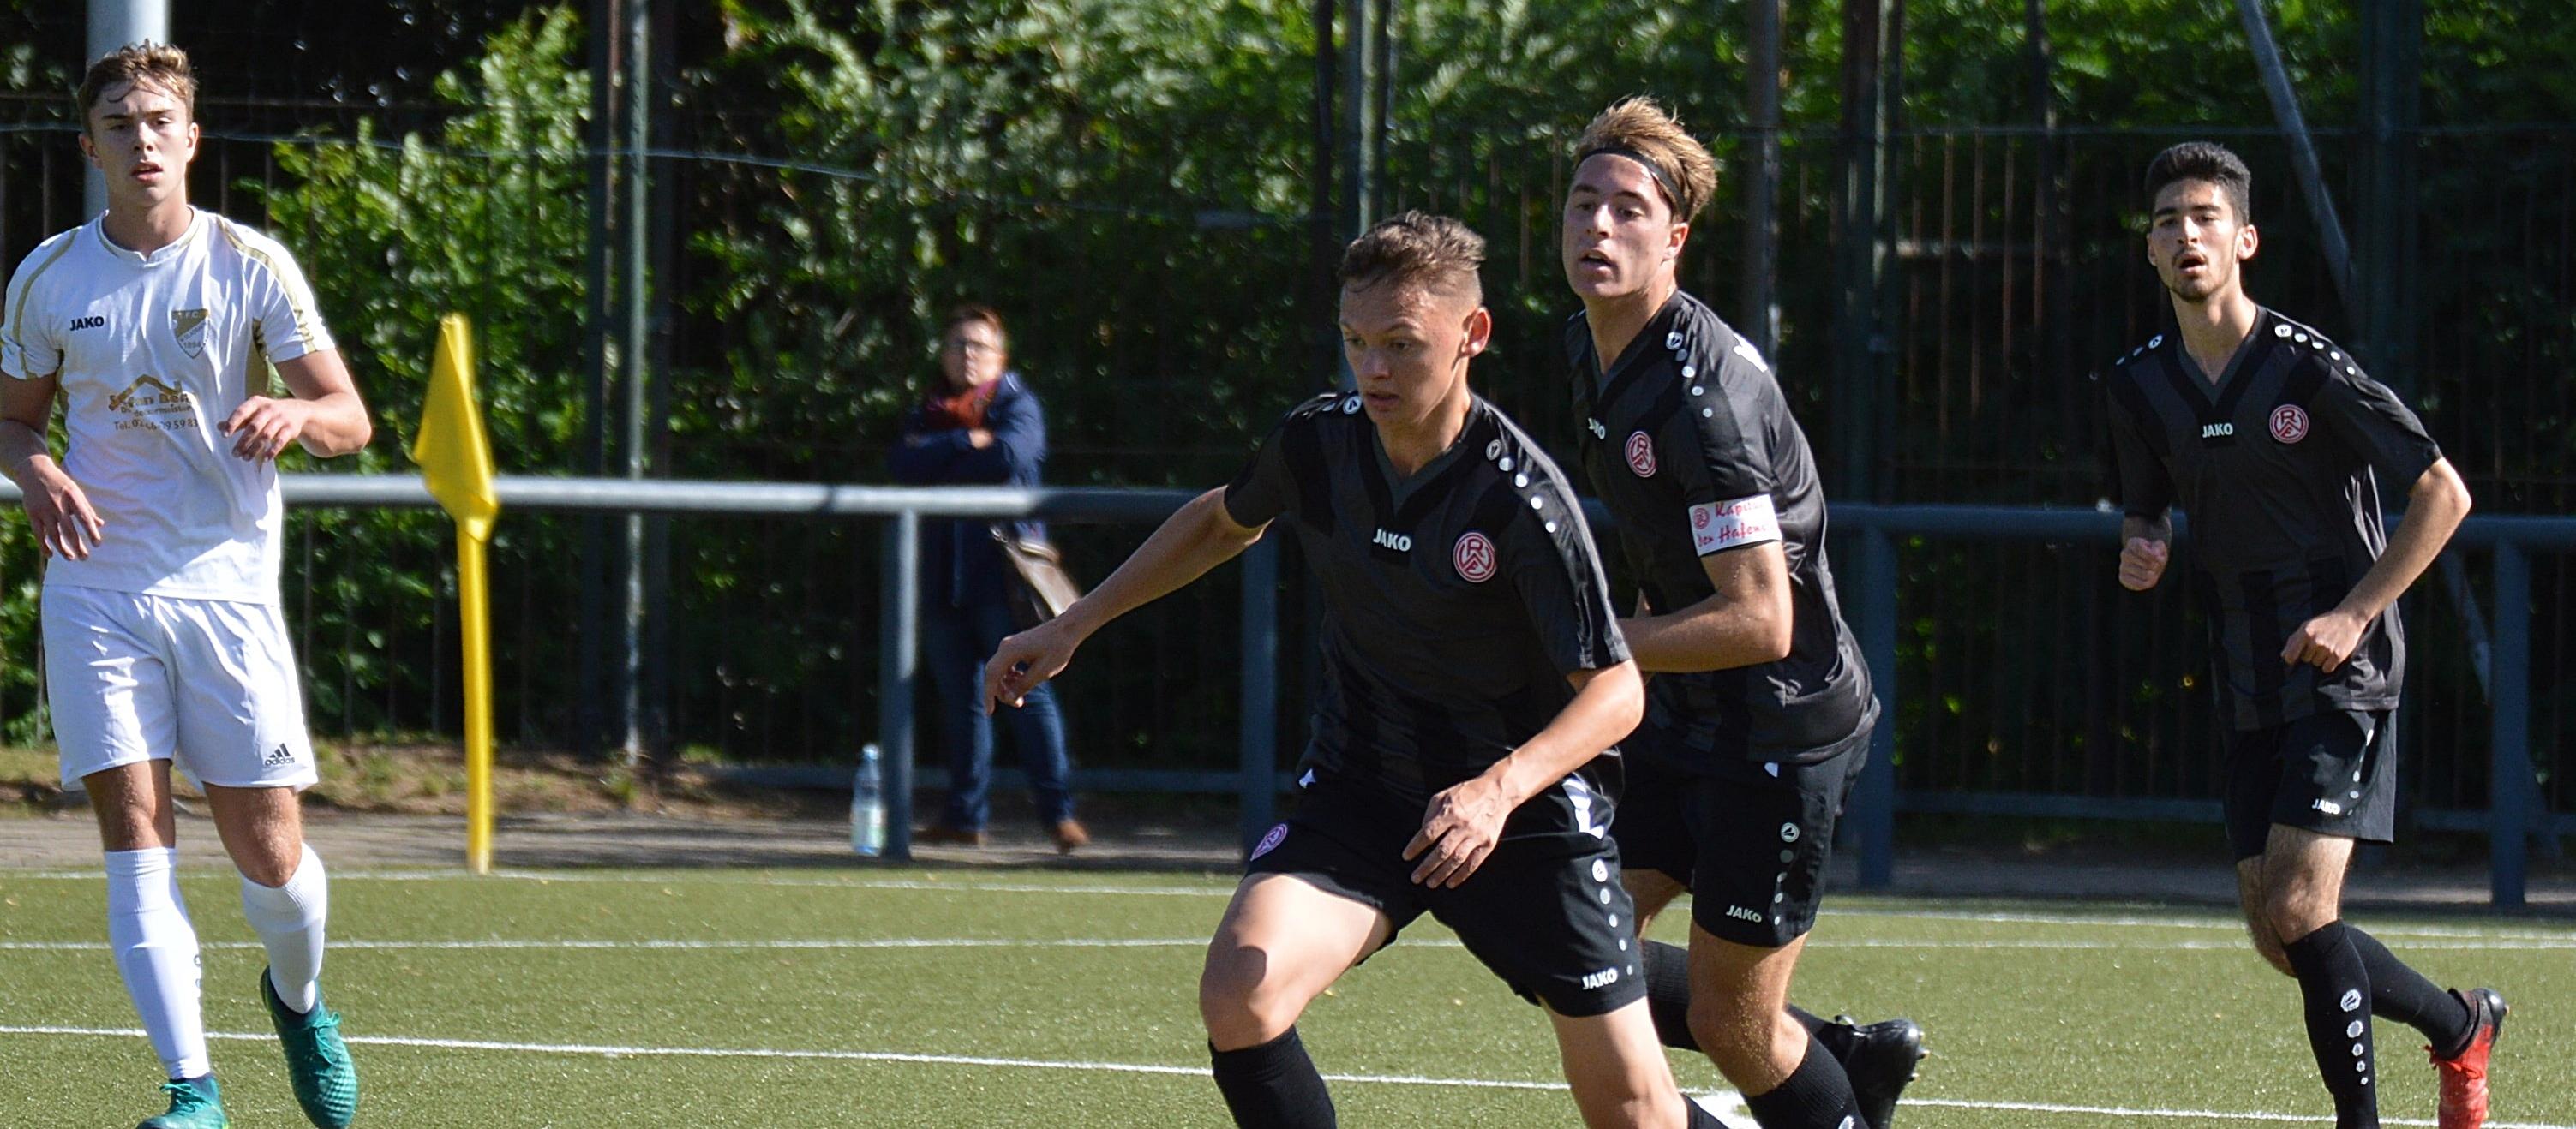 Die rot-weisse U19 trifft am Sonntag auf den 1. FC Mönchengladbach, momentanen Tabellendritten der A-Junioren-Niederrheinliga. (Foto: Skuppin)